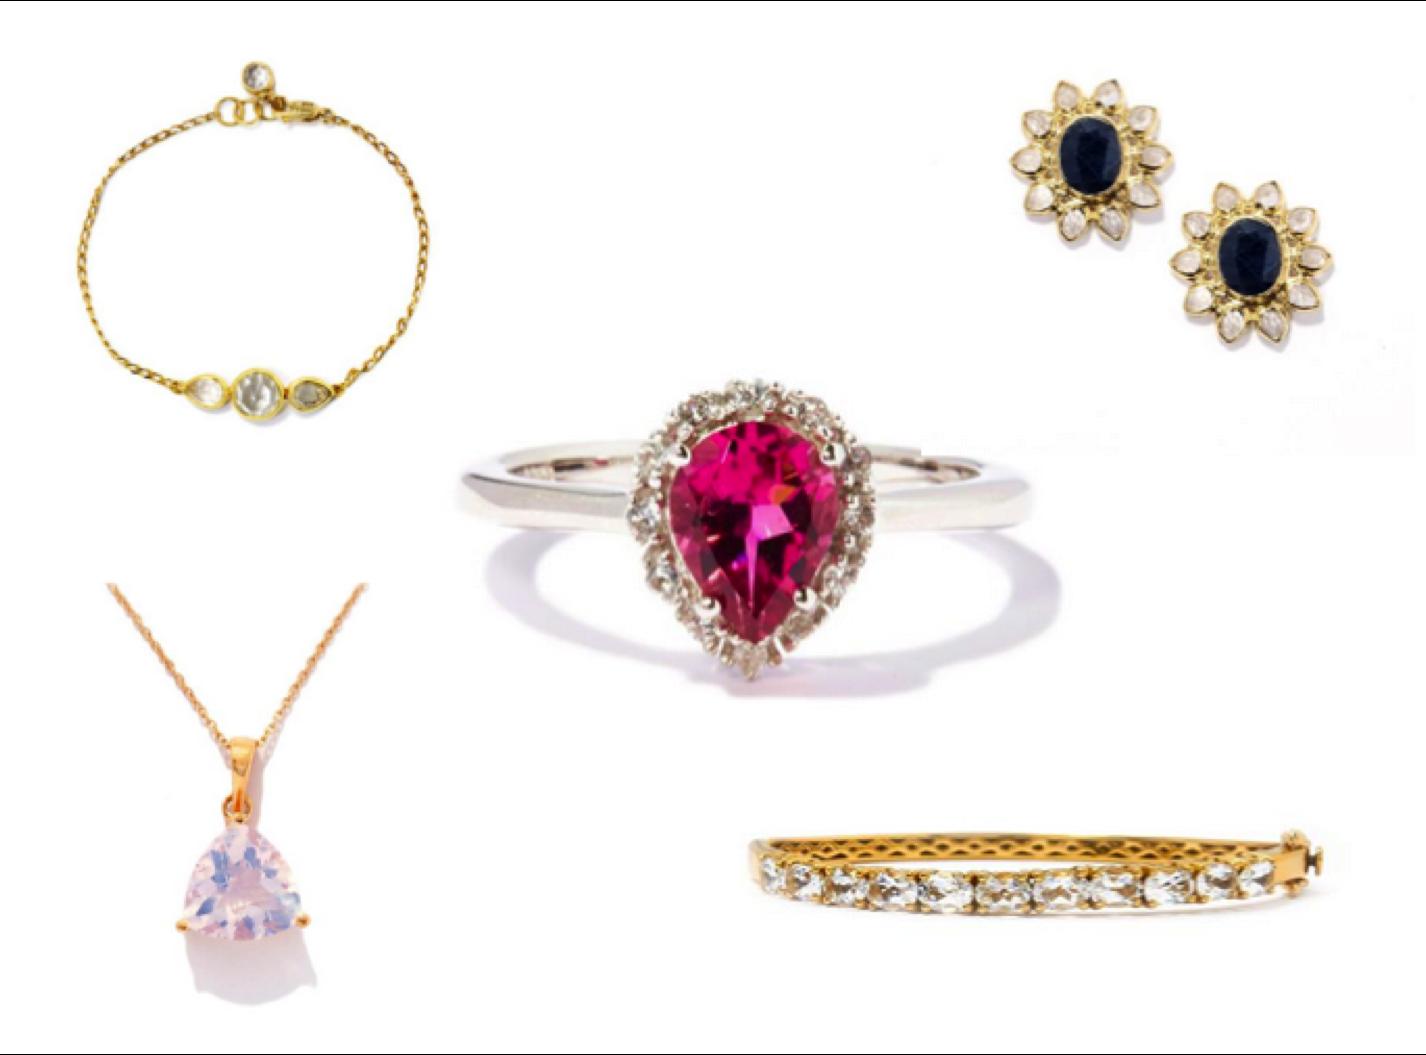 Forevermissvanity: Gemporia Jewellery